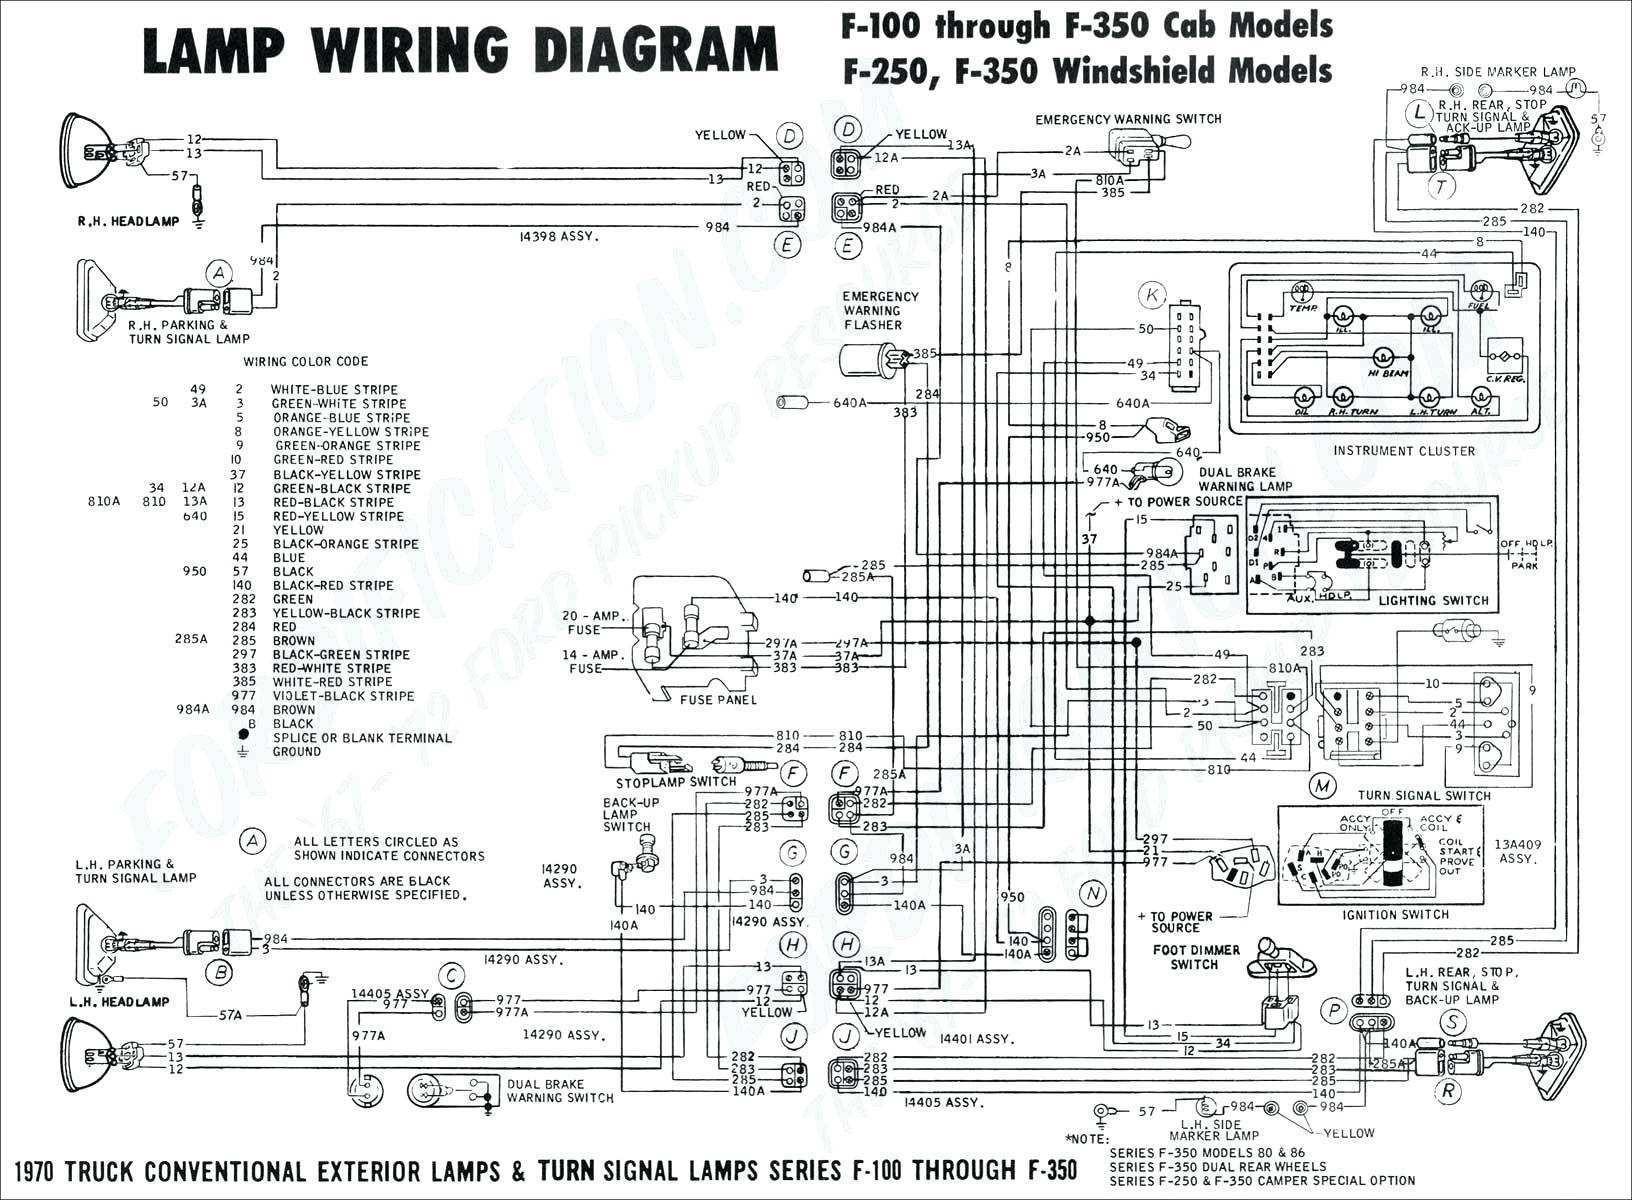 Truck Suspension Diagram 94 F250 Suspension Diagram Wiring Diagram S for Help Your Of Truck Suspension Diagram